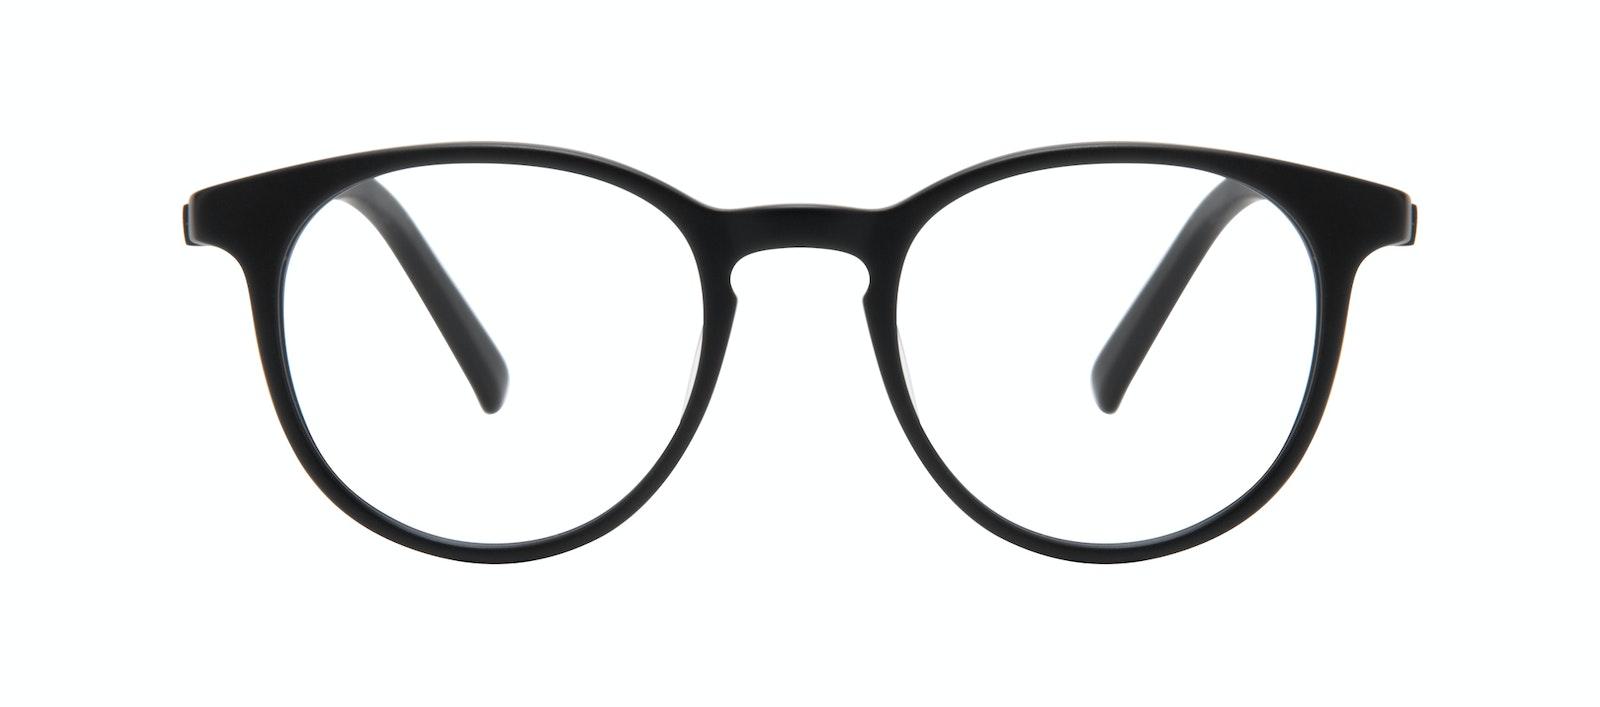 Affordable Fashion Glasses Round Eyeglasses Men Select Black Matte Front